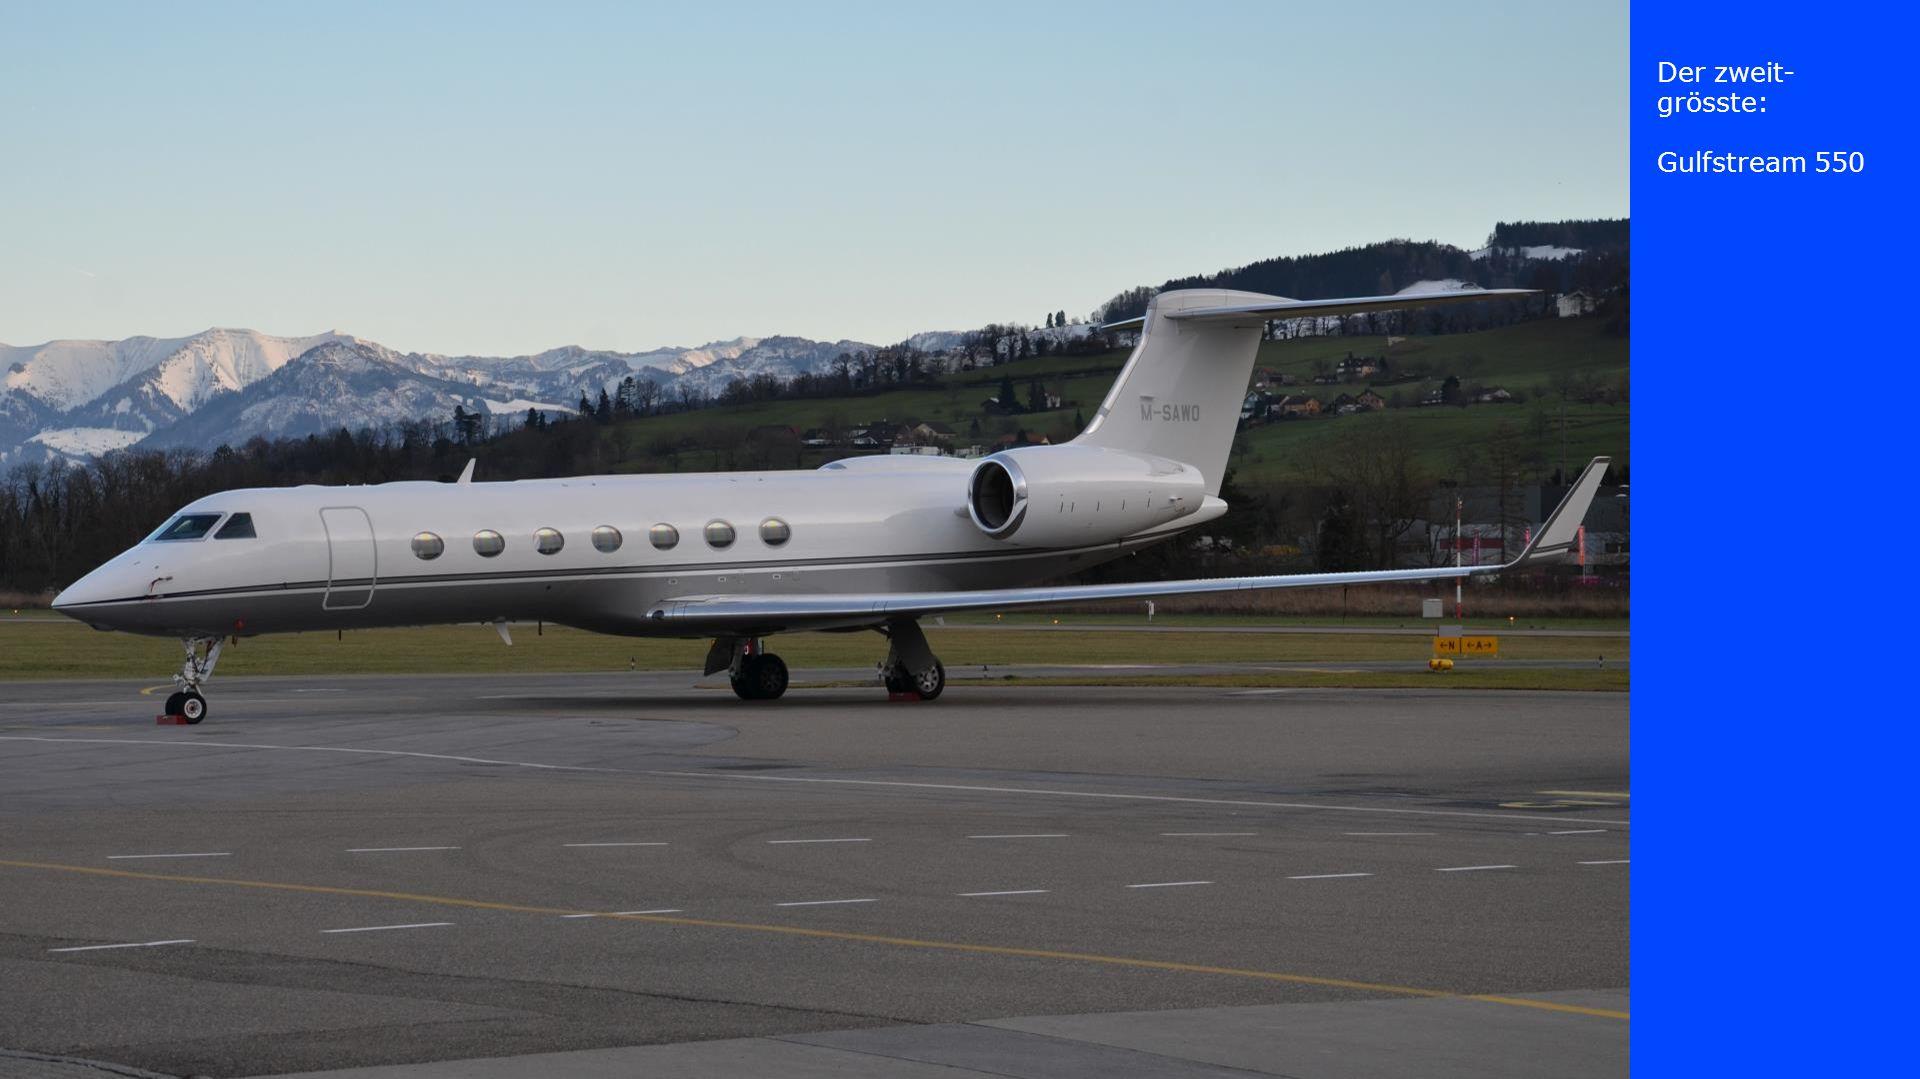 Der zweit-grösste: Gulfstream 550